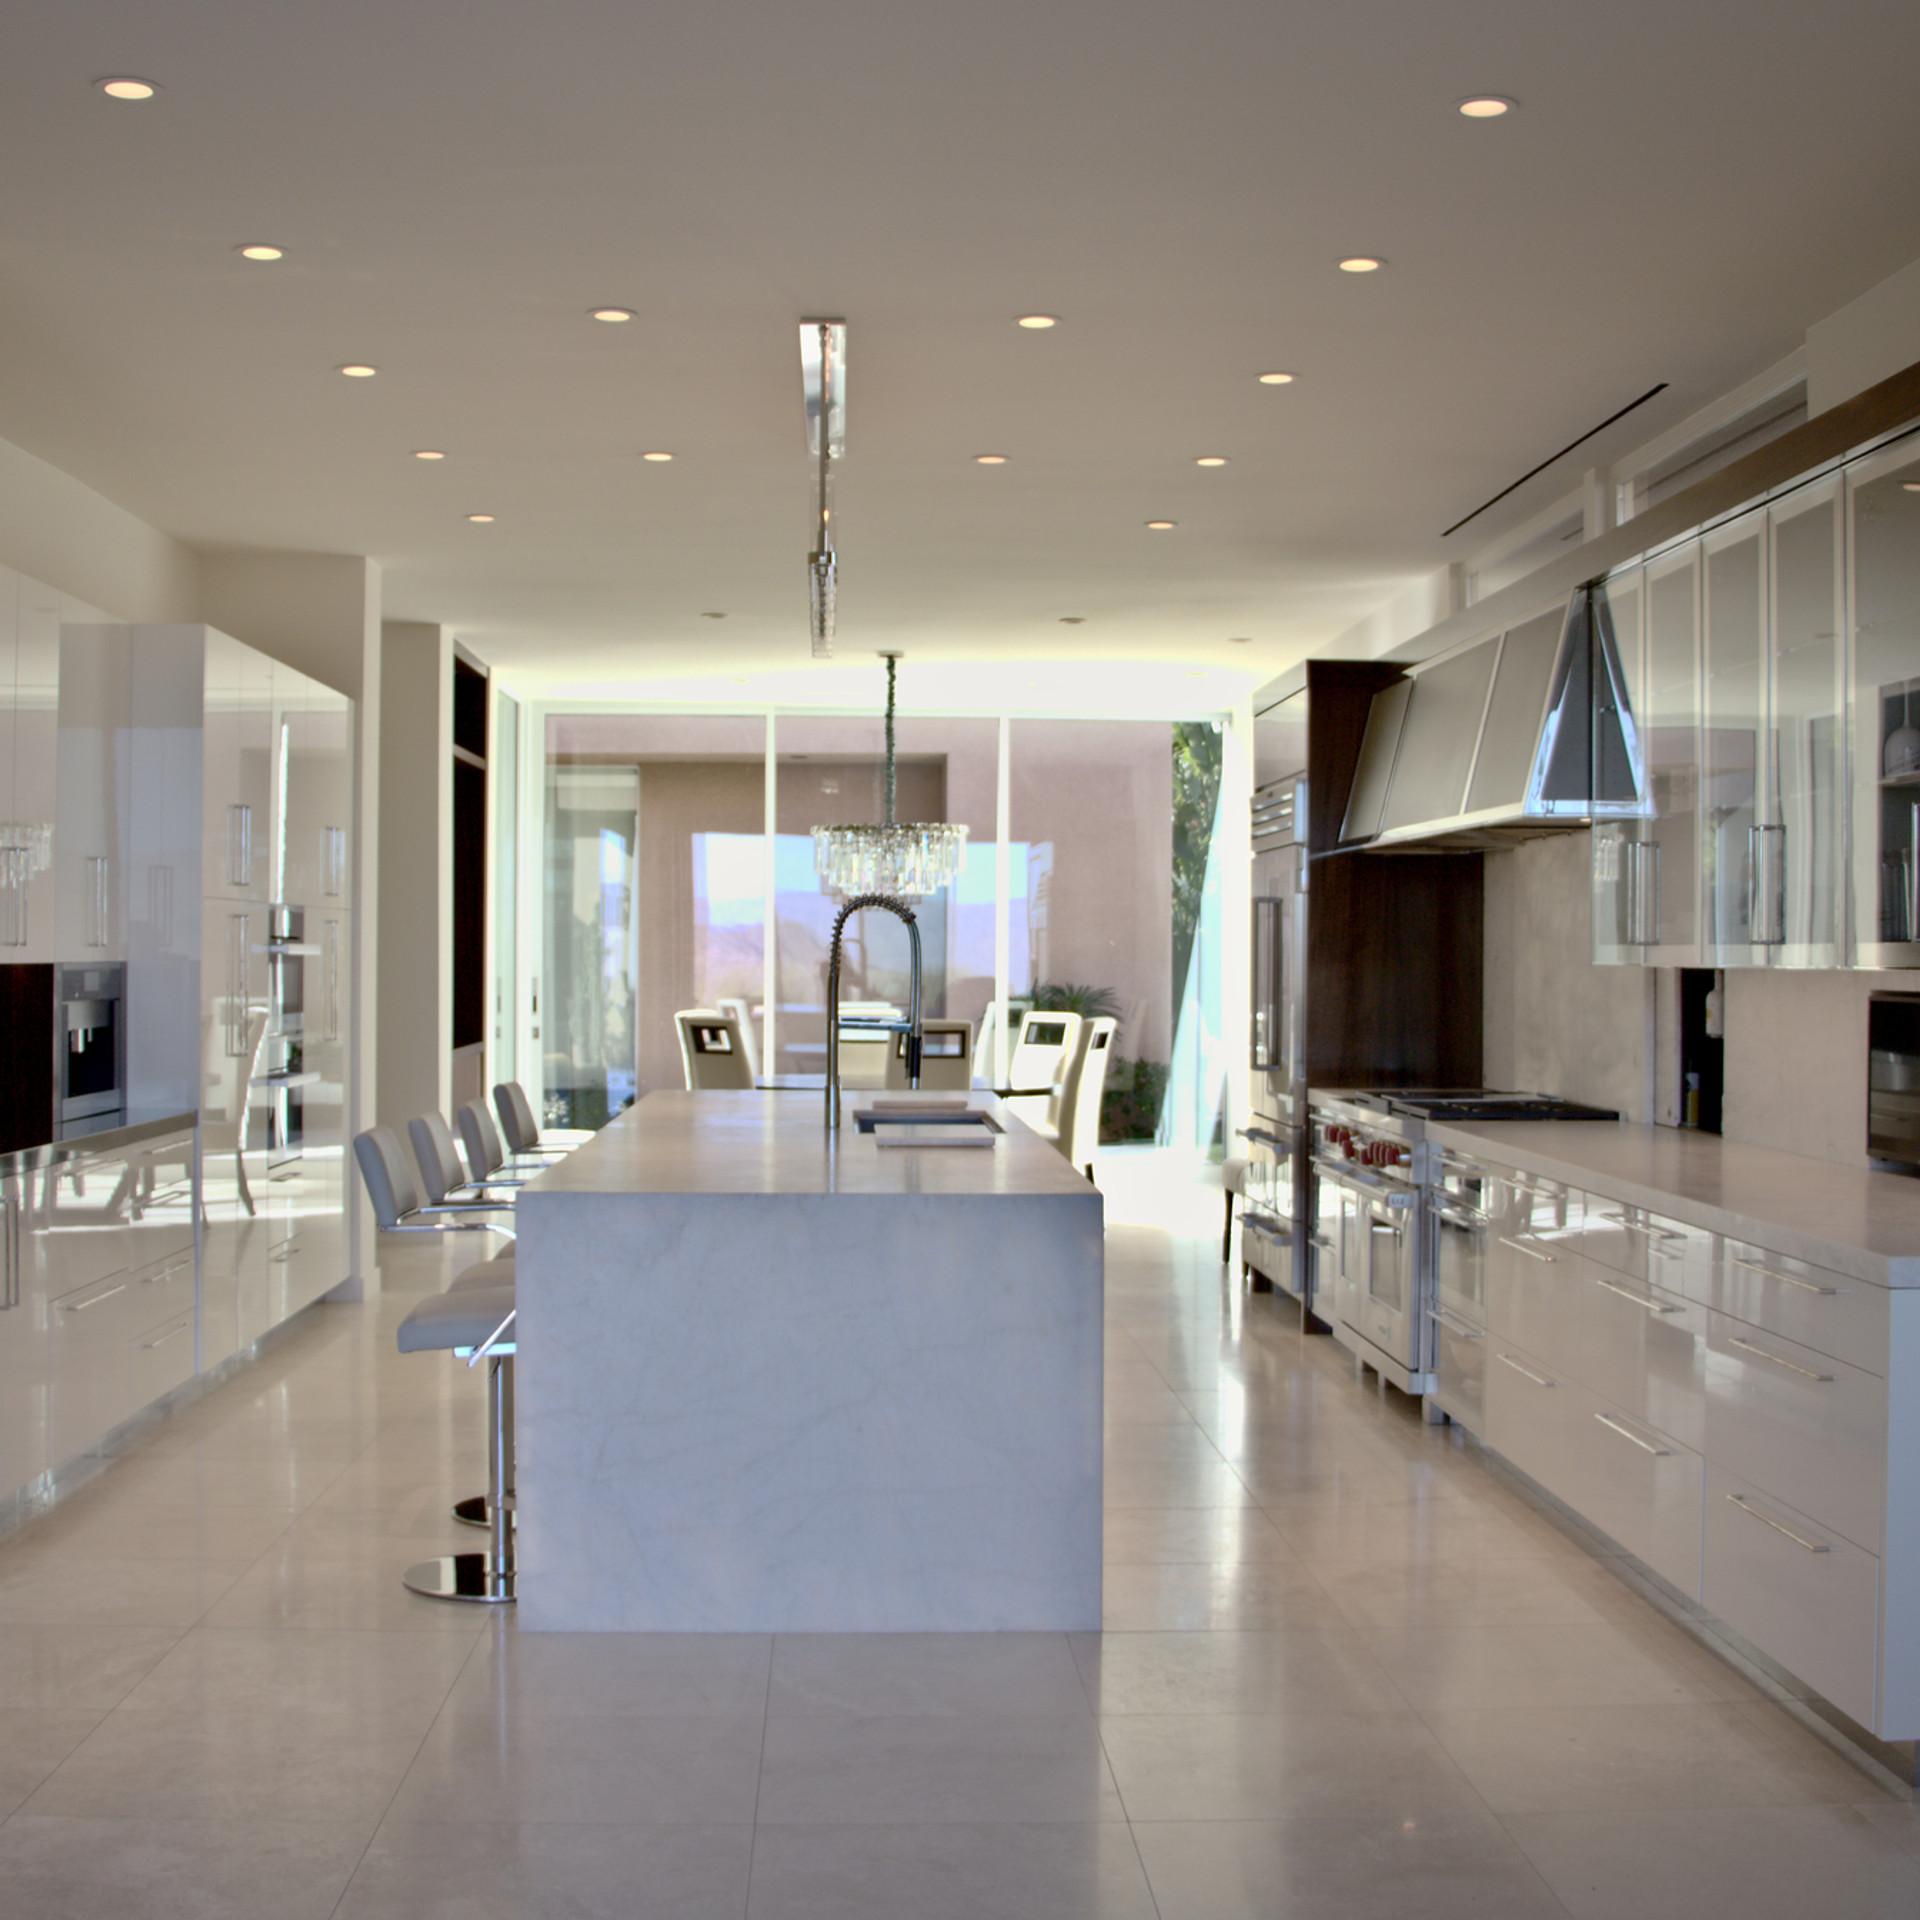 kitchennotlit.jpg